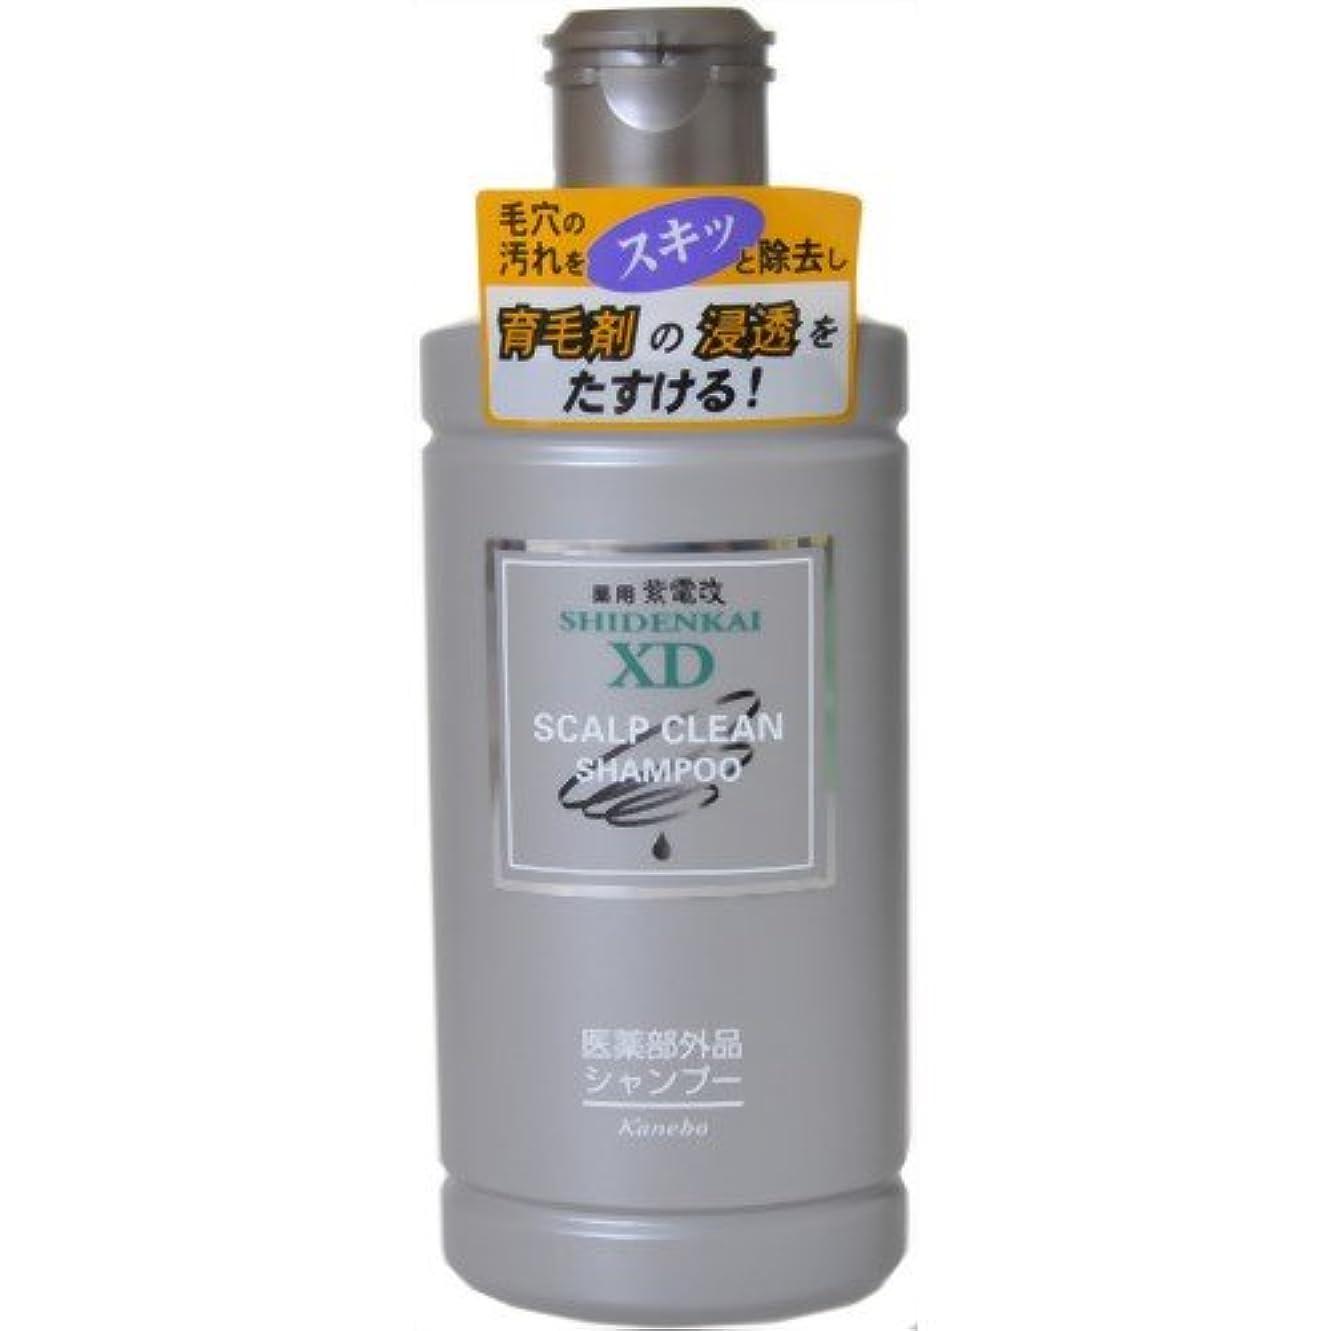 メッシュセンサー甲虫カネボウ 薬用紫電改X.Dシャンプー 250ml